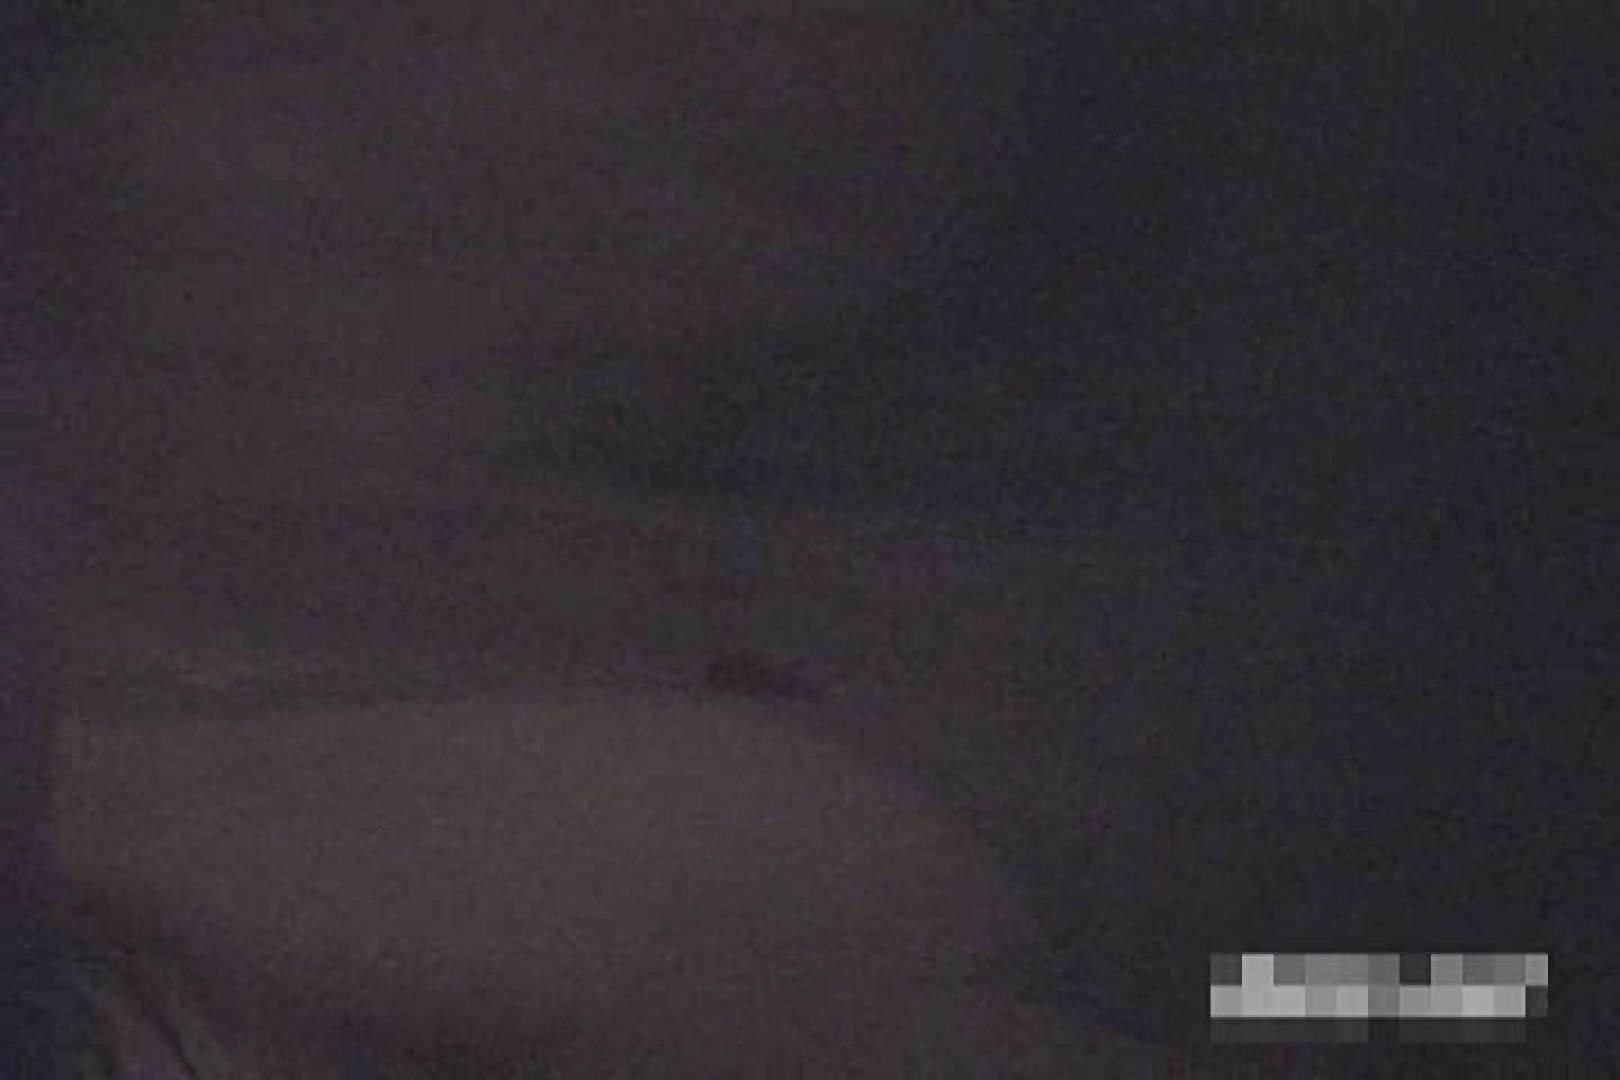 深夜の撮影会Vol.4 巨乳 エロ画像 59画像 18